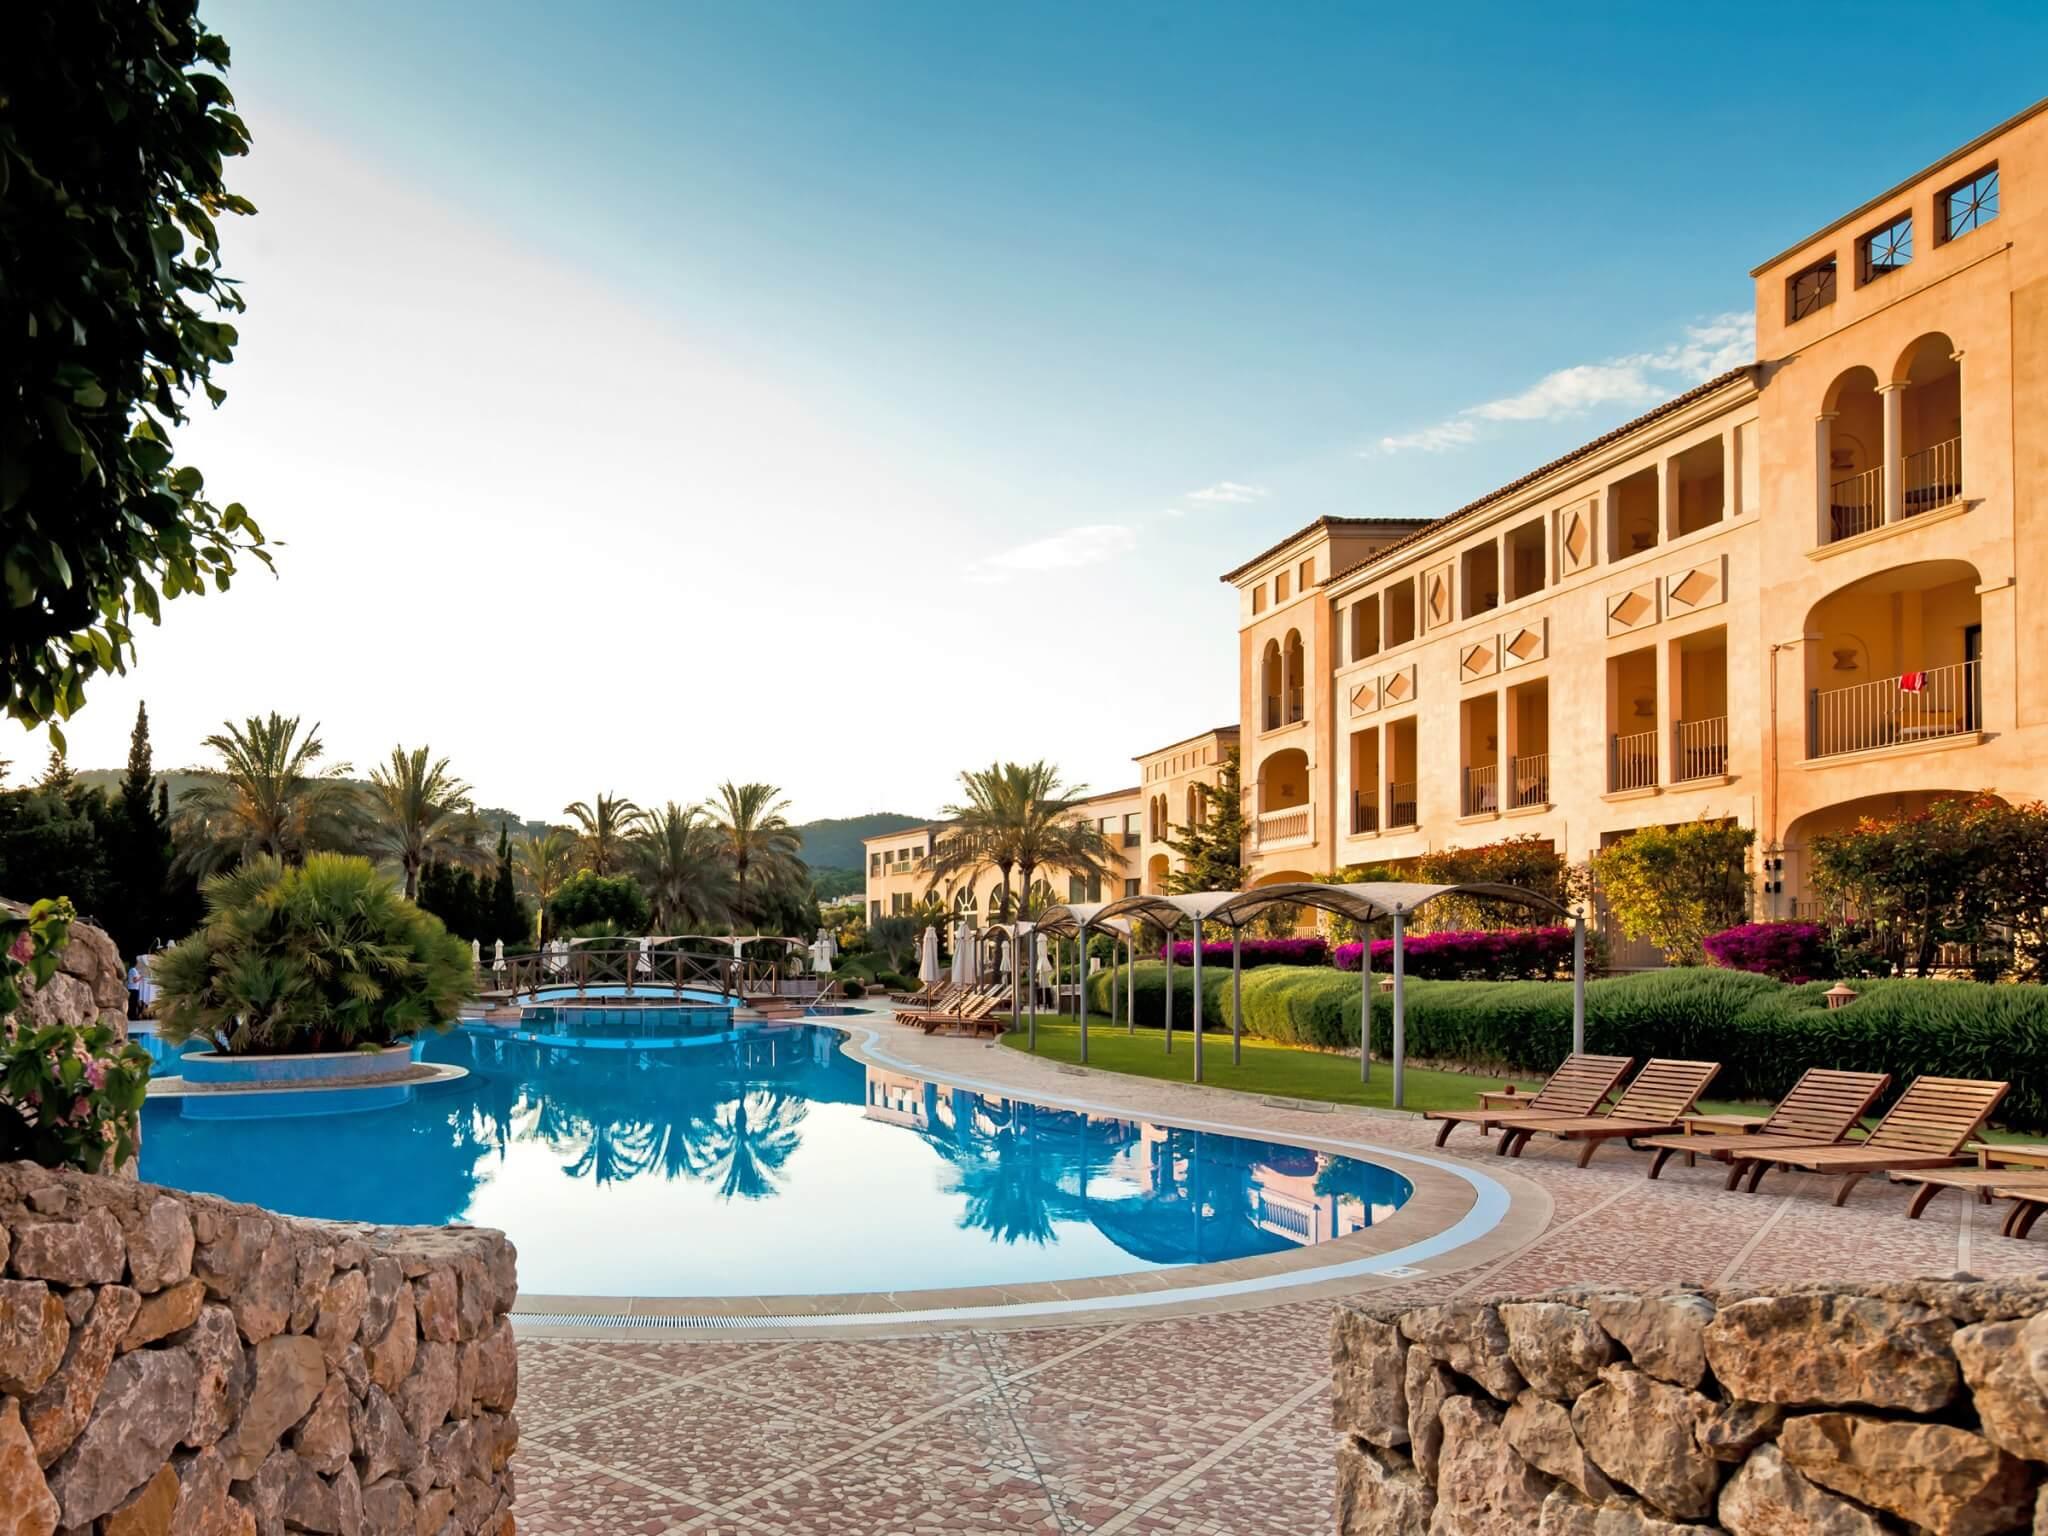 Dorint Royal Golf Resort And Spa